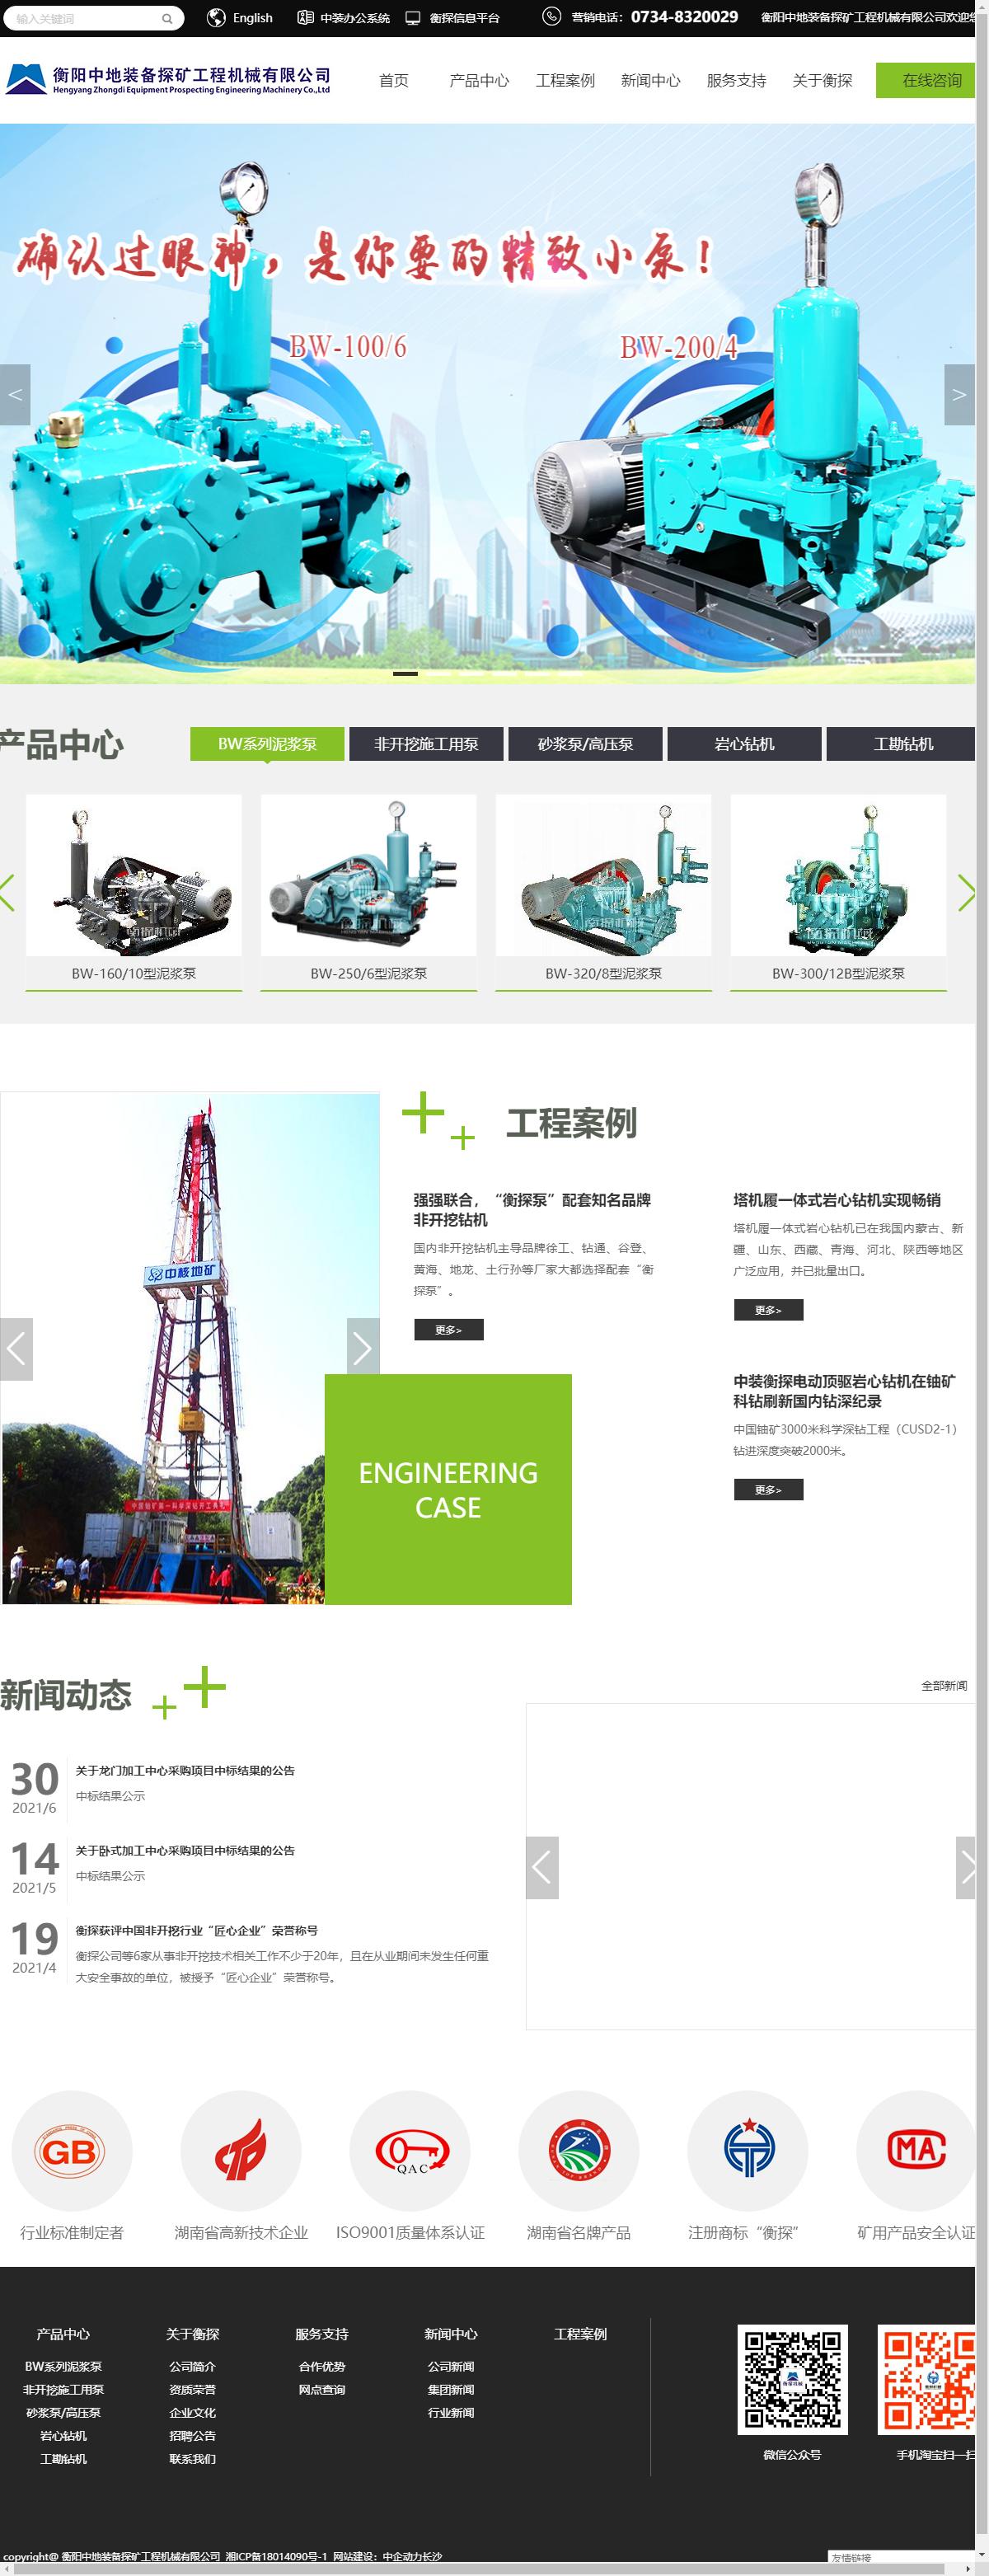 衡阳中地装备探矿工程机械有限公司网站案例